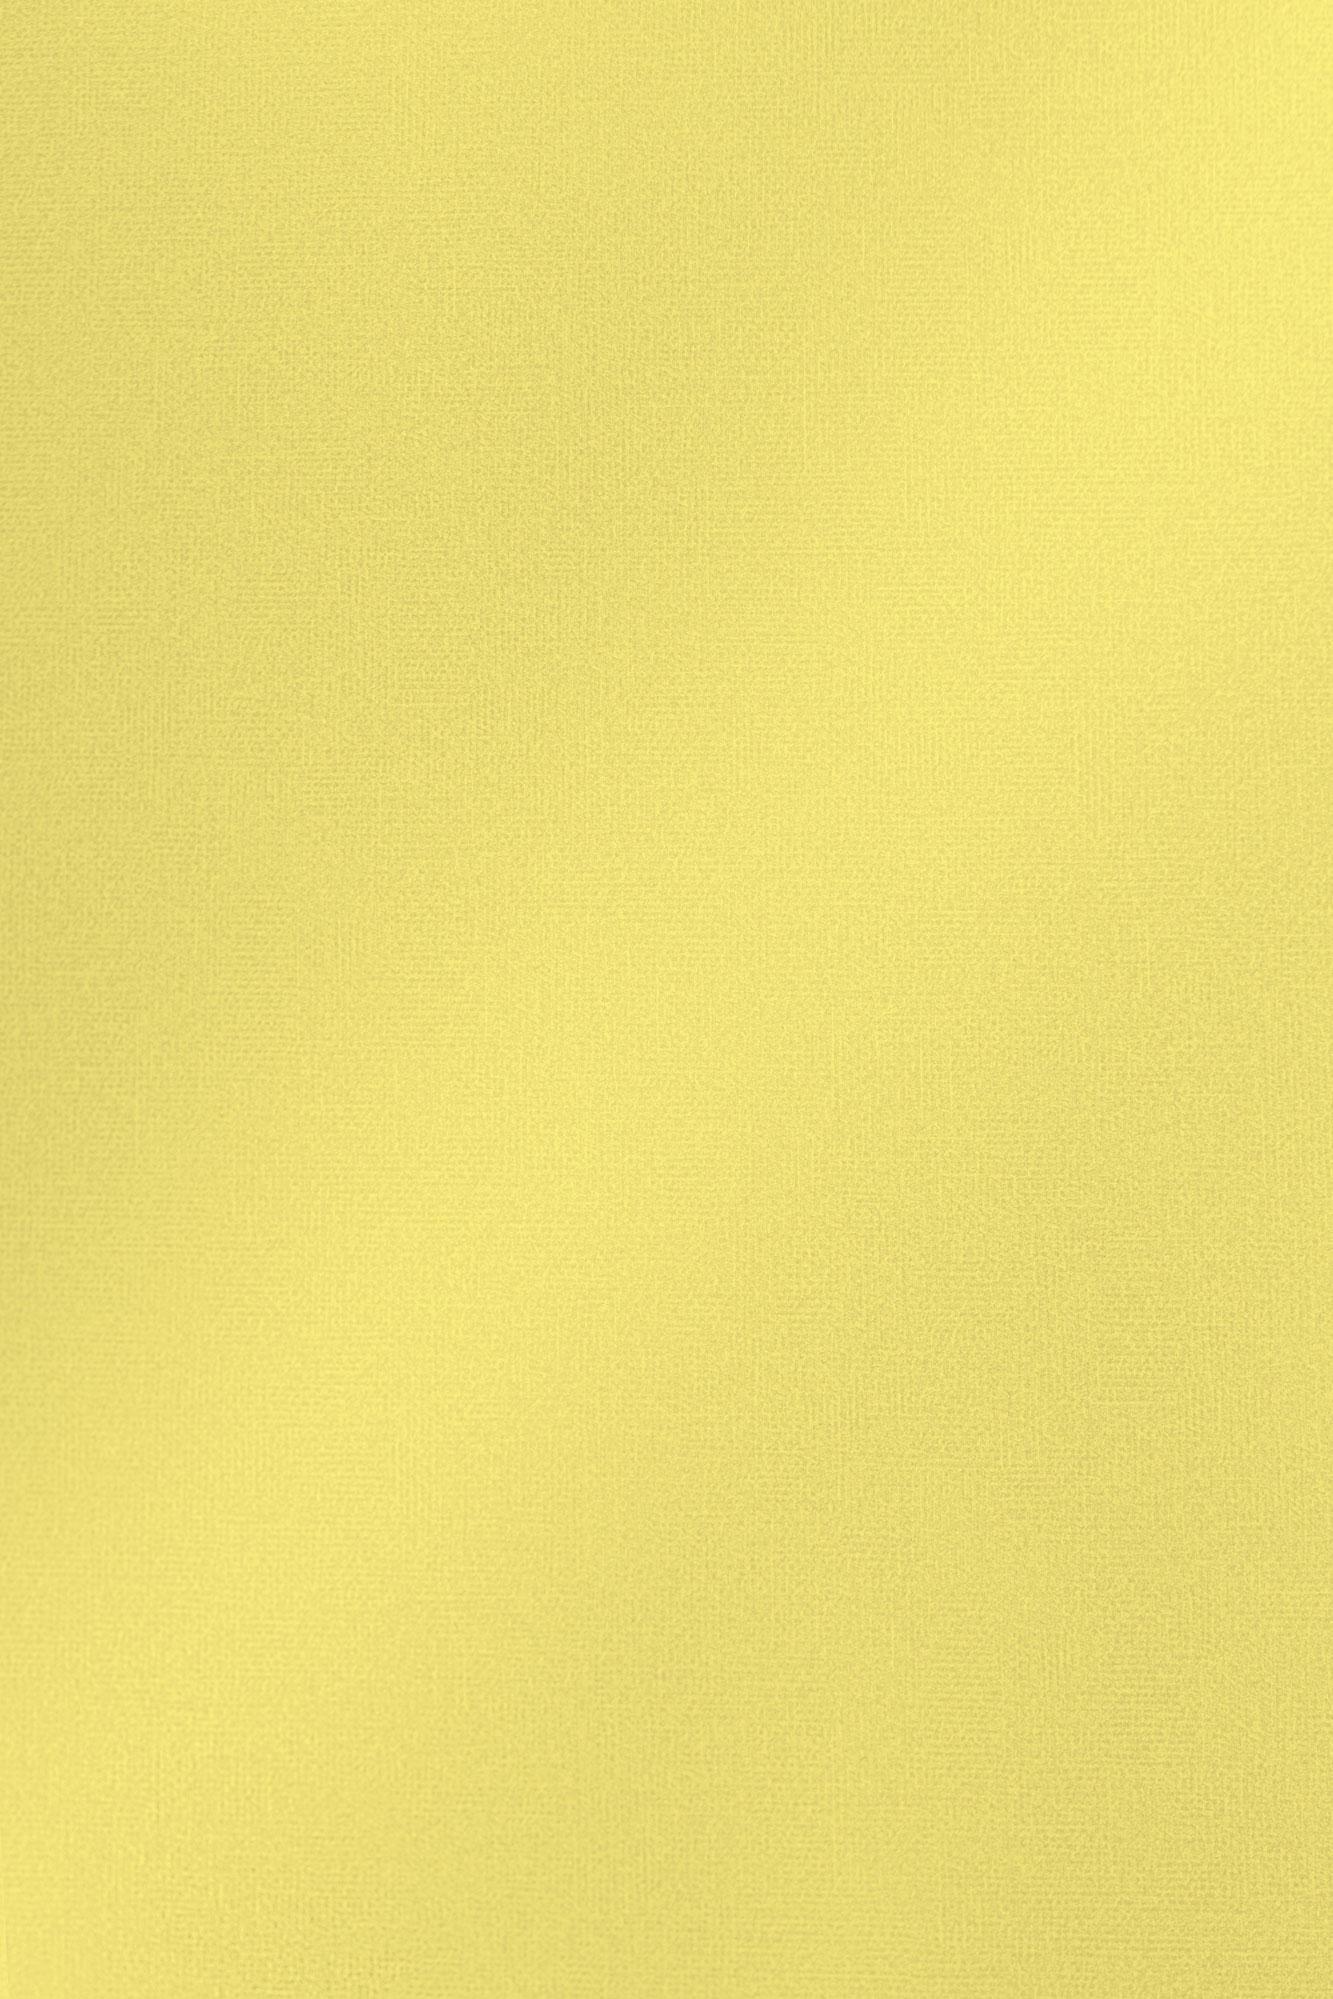 DT0010 HG Жёлтый твид